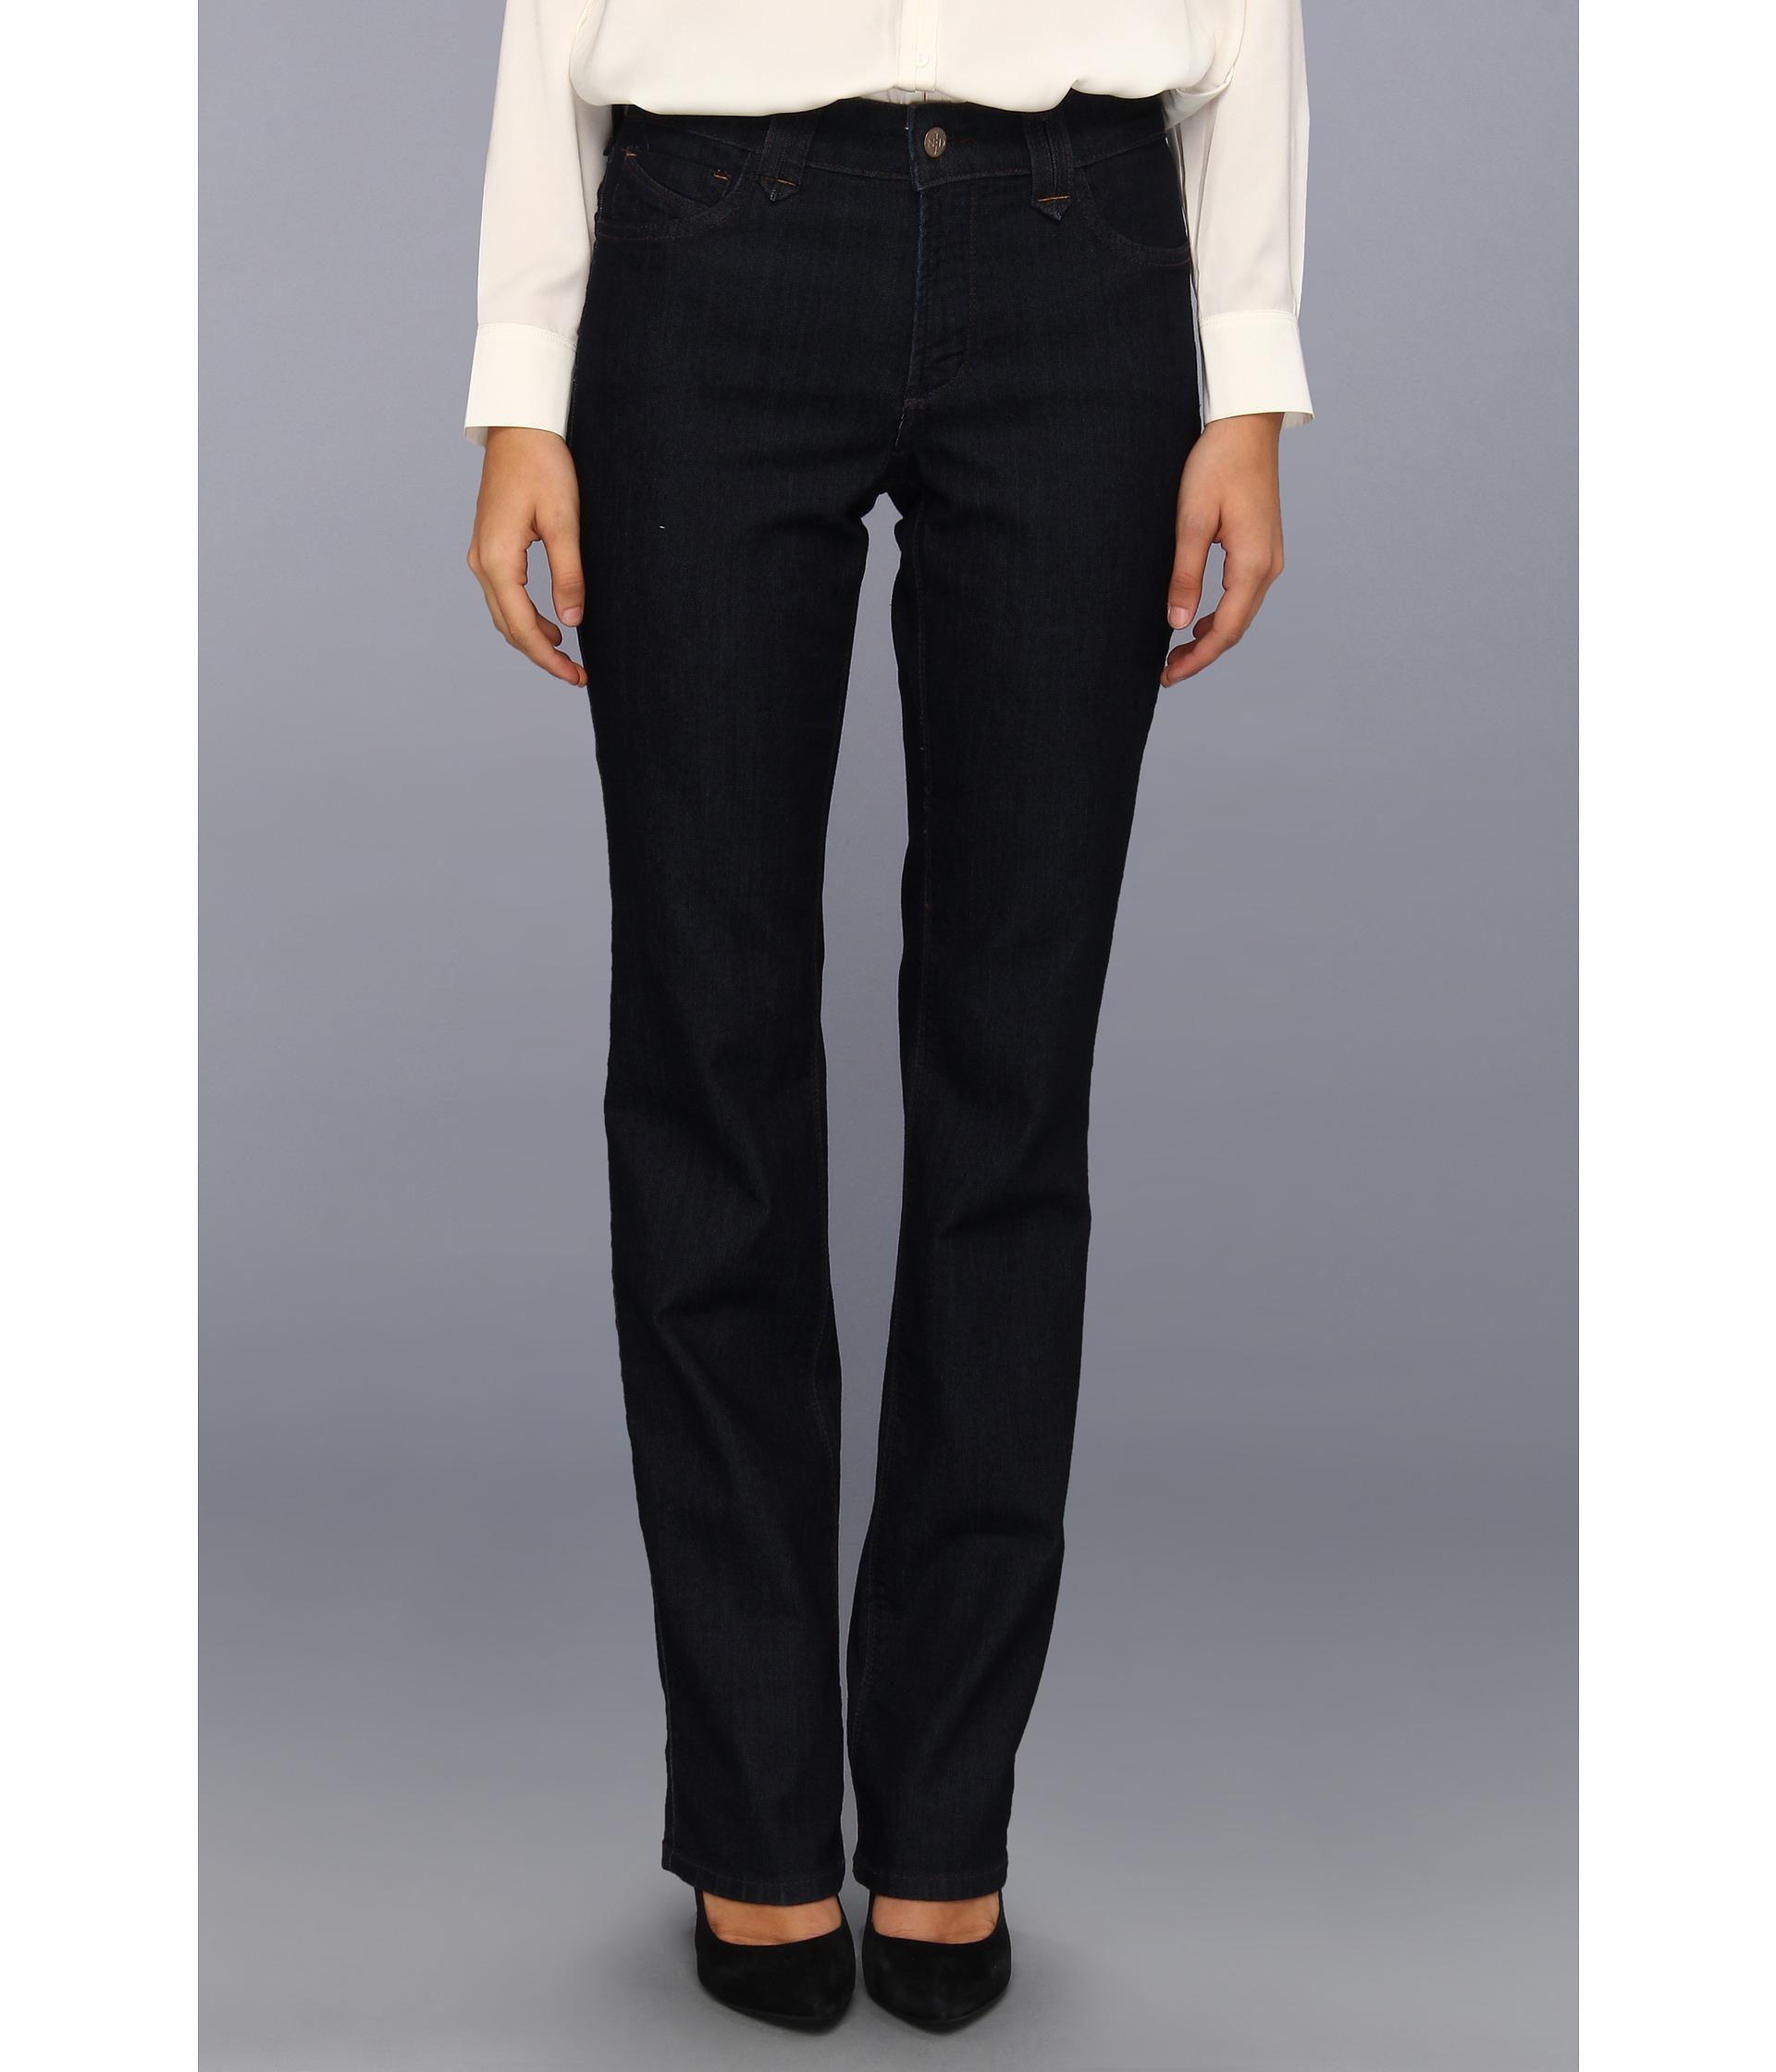 mens jeans short inseam images pic391601001189713620jpg. Black Bedroom Furniture Sets. Home Design Ideas